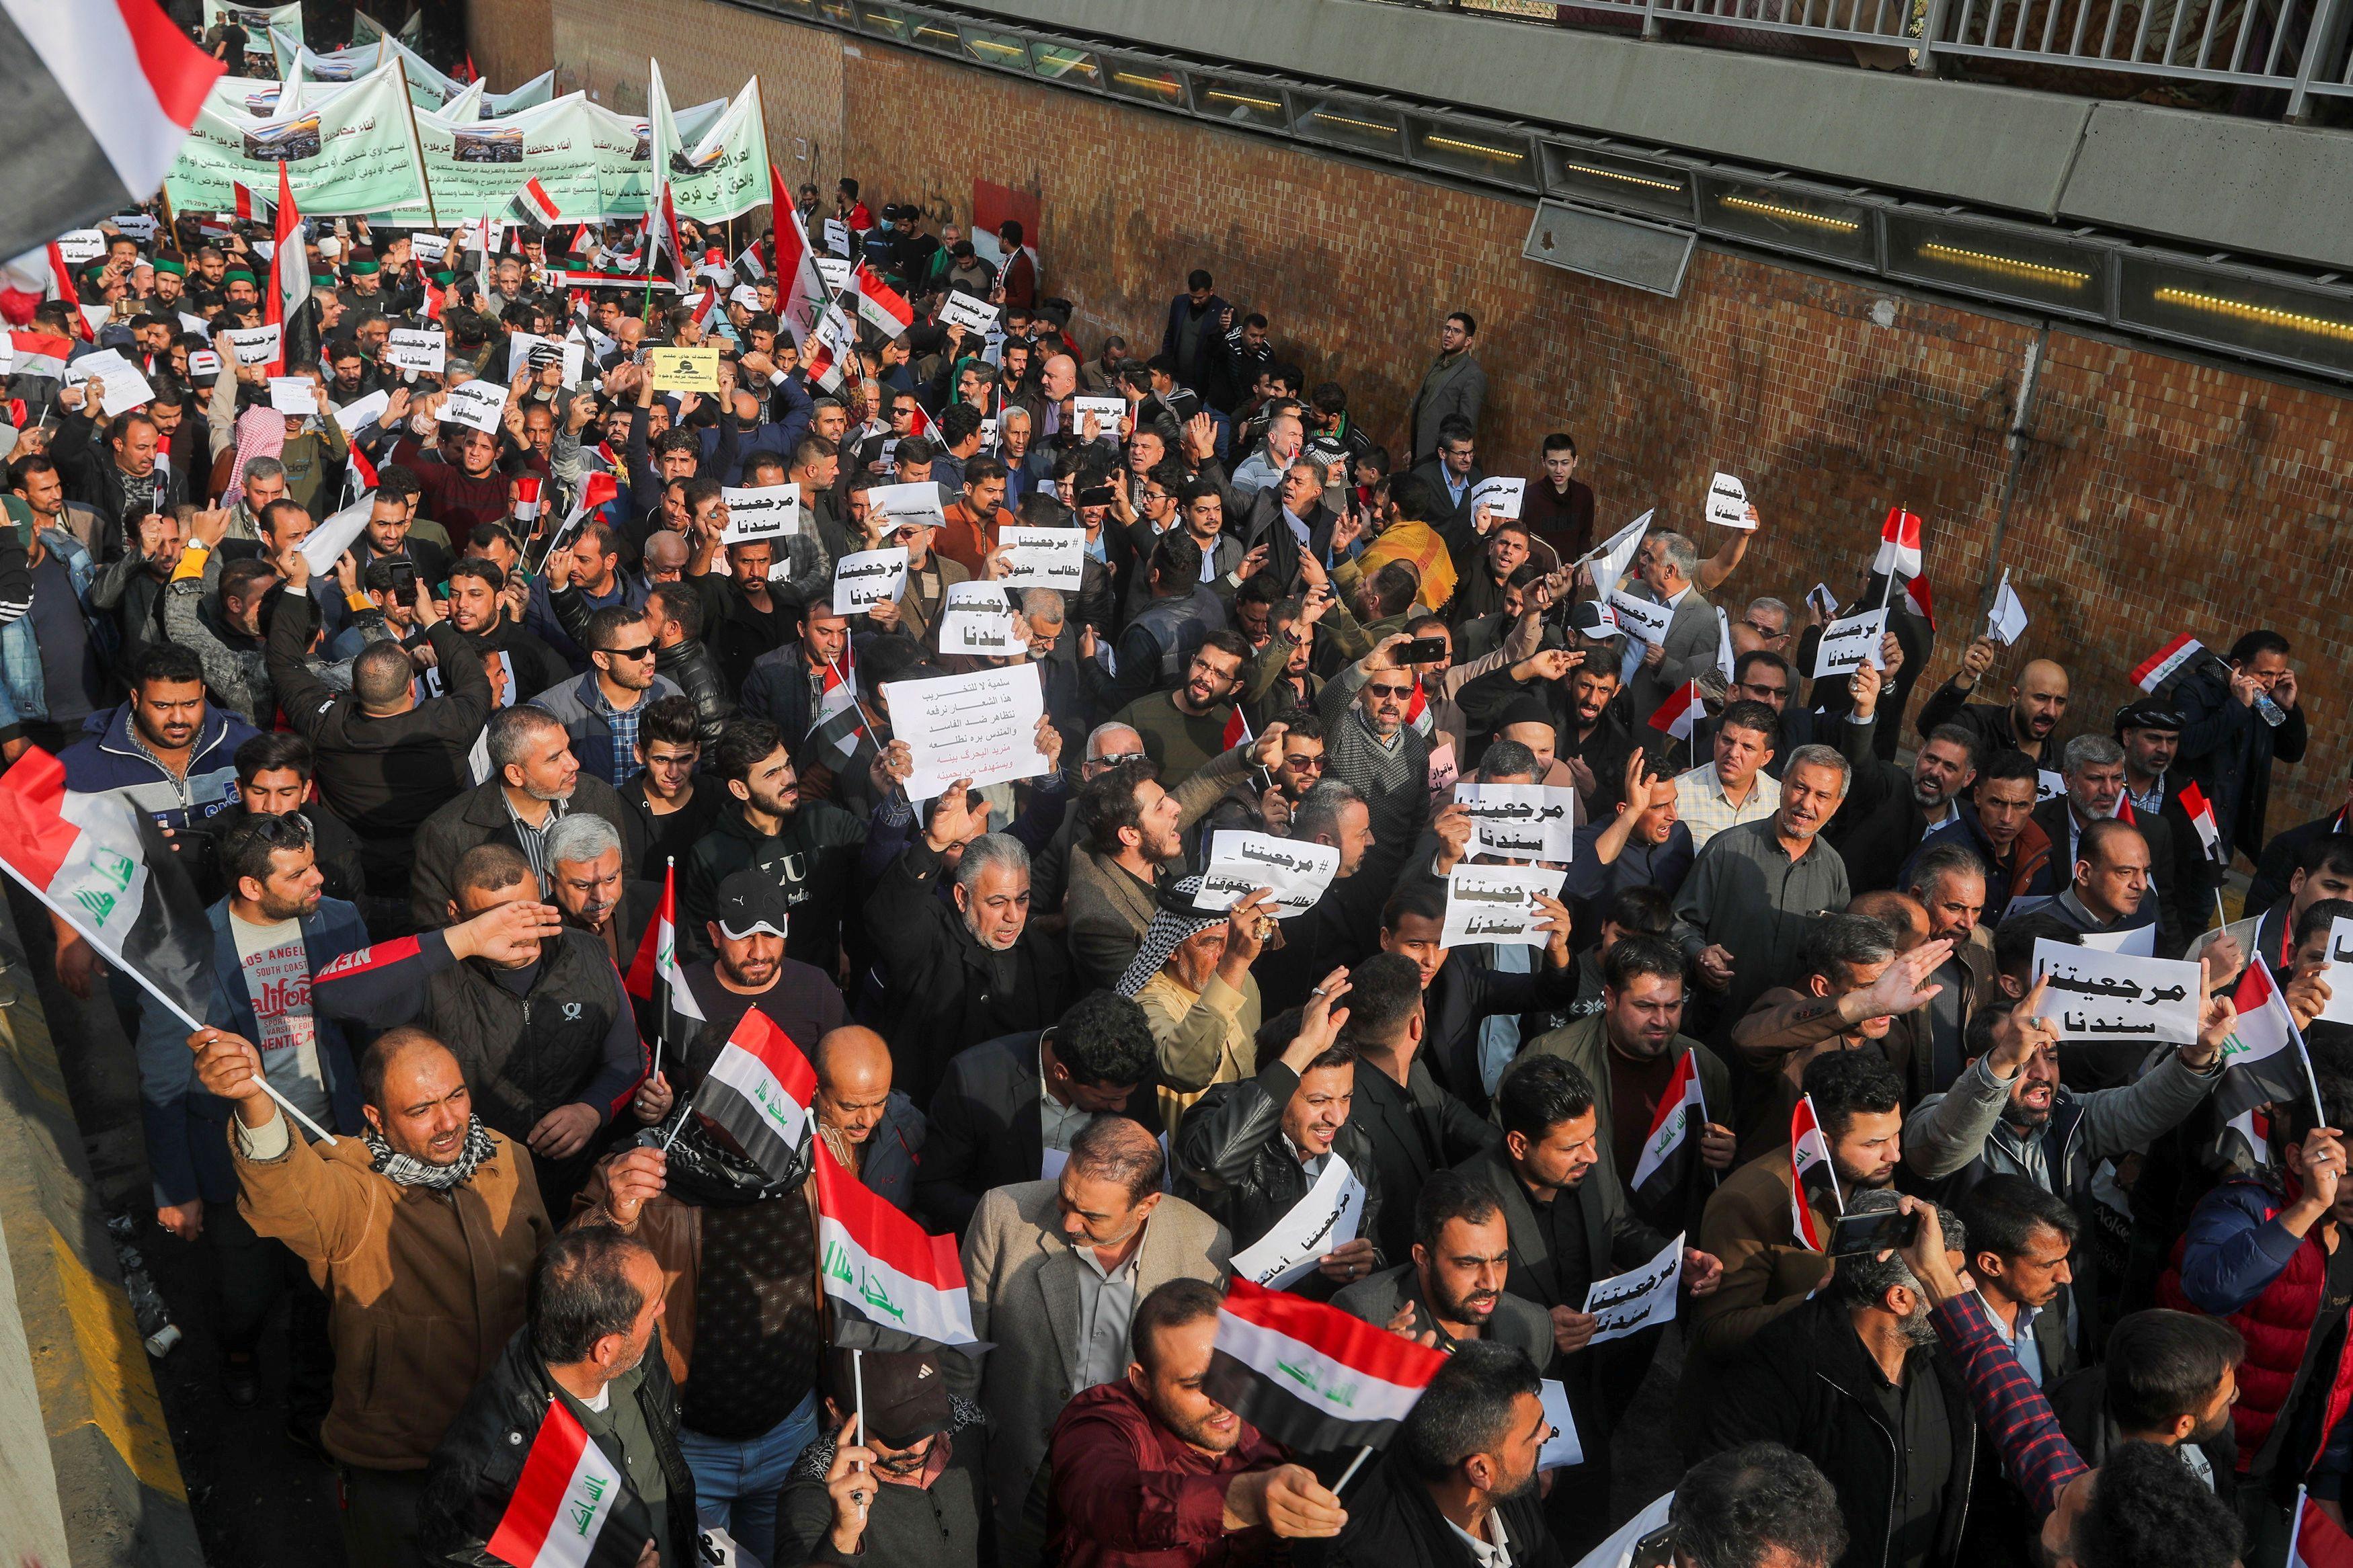 L'Irak proteste contre le nombre de morts tandis qu'un religieux met en garde contre l'ingérence